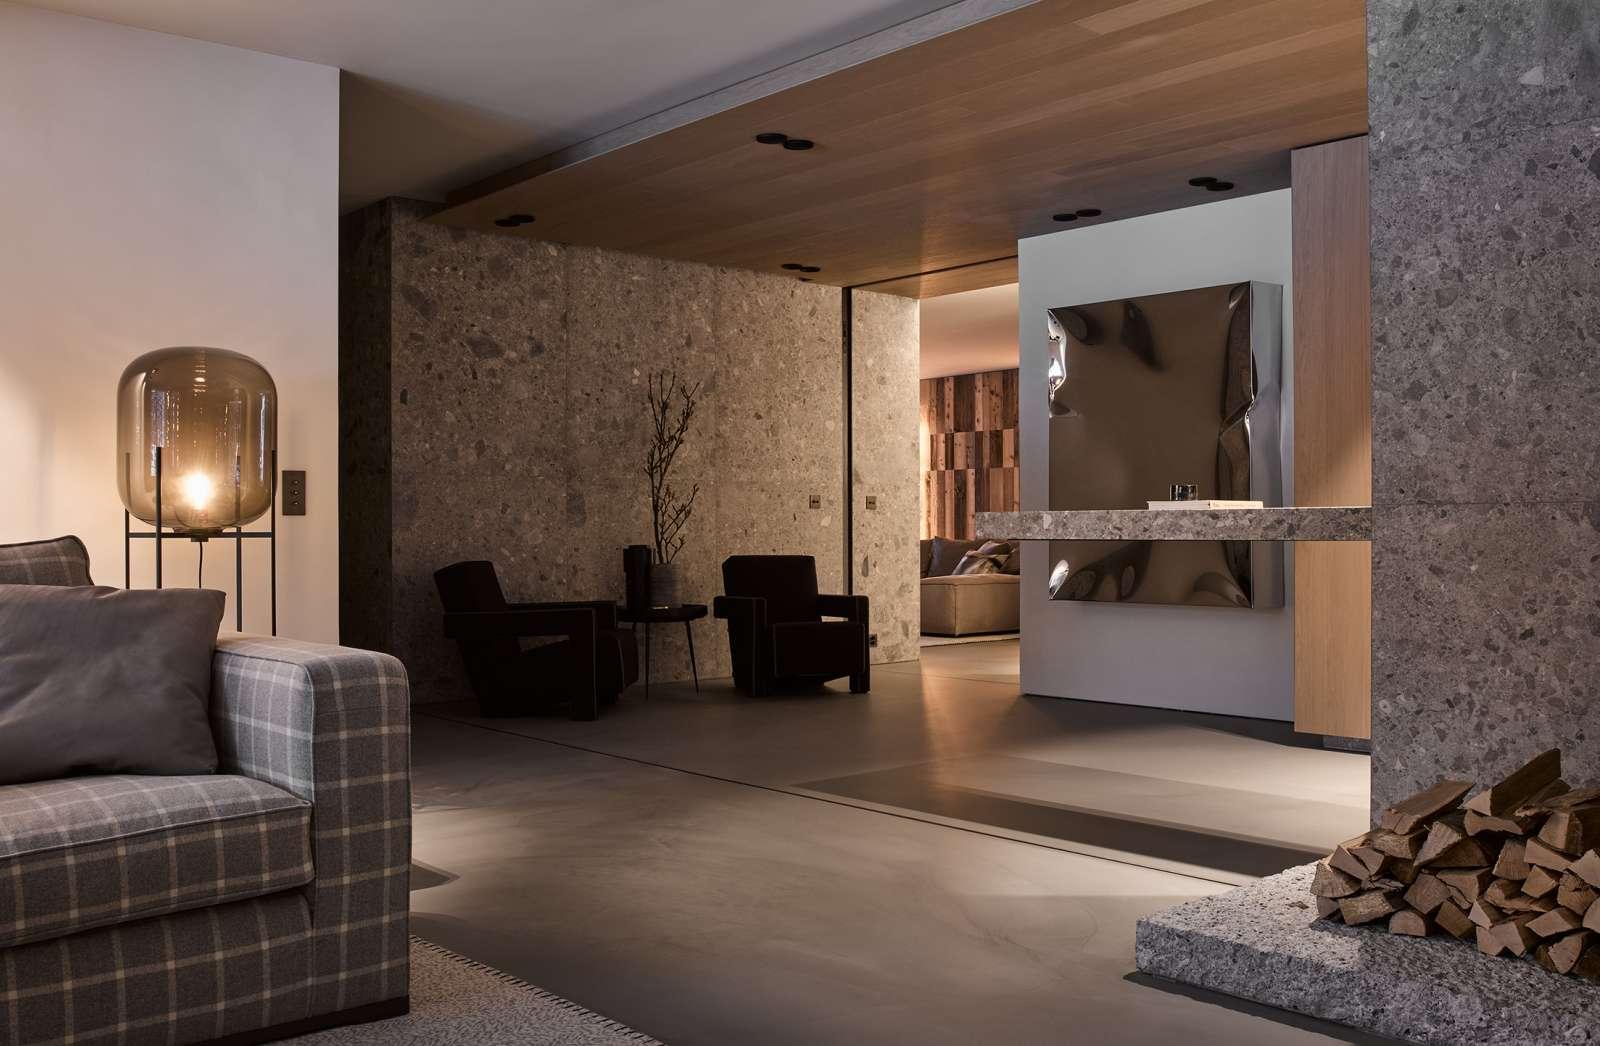 interview bernd gruber gesch ftsf hrer bernd gruber kitzb hel la loupe. Black Bedroom Furniture Sets. Home Design Ideas